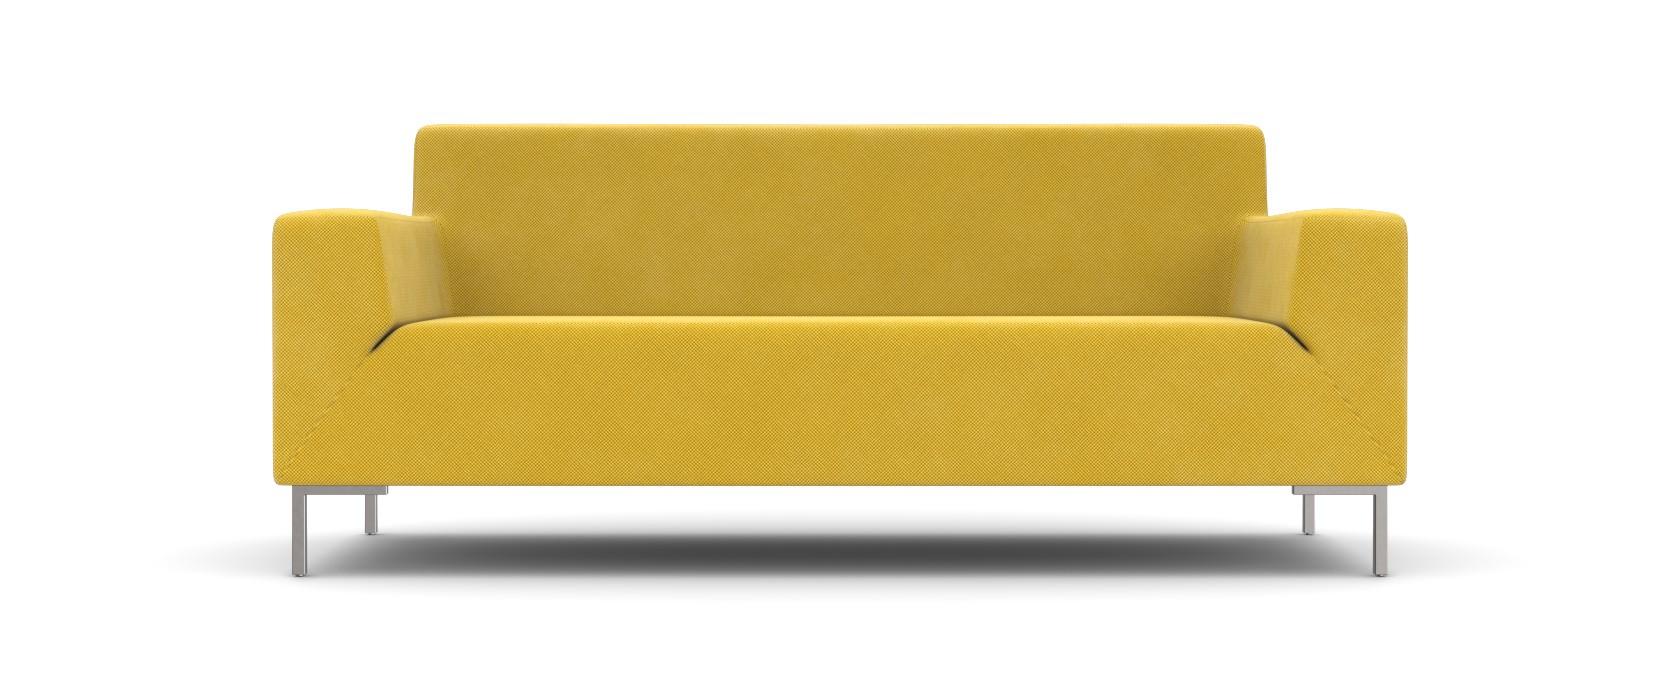 2-Sitzer Sofa Bolzano Classic